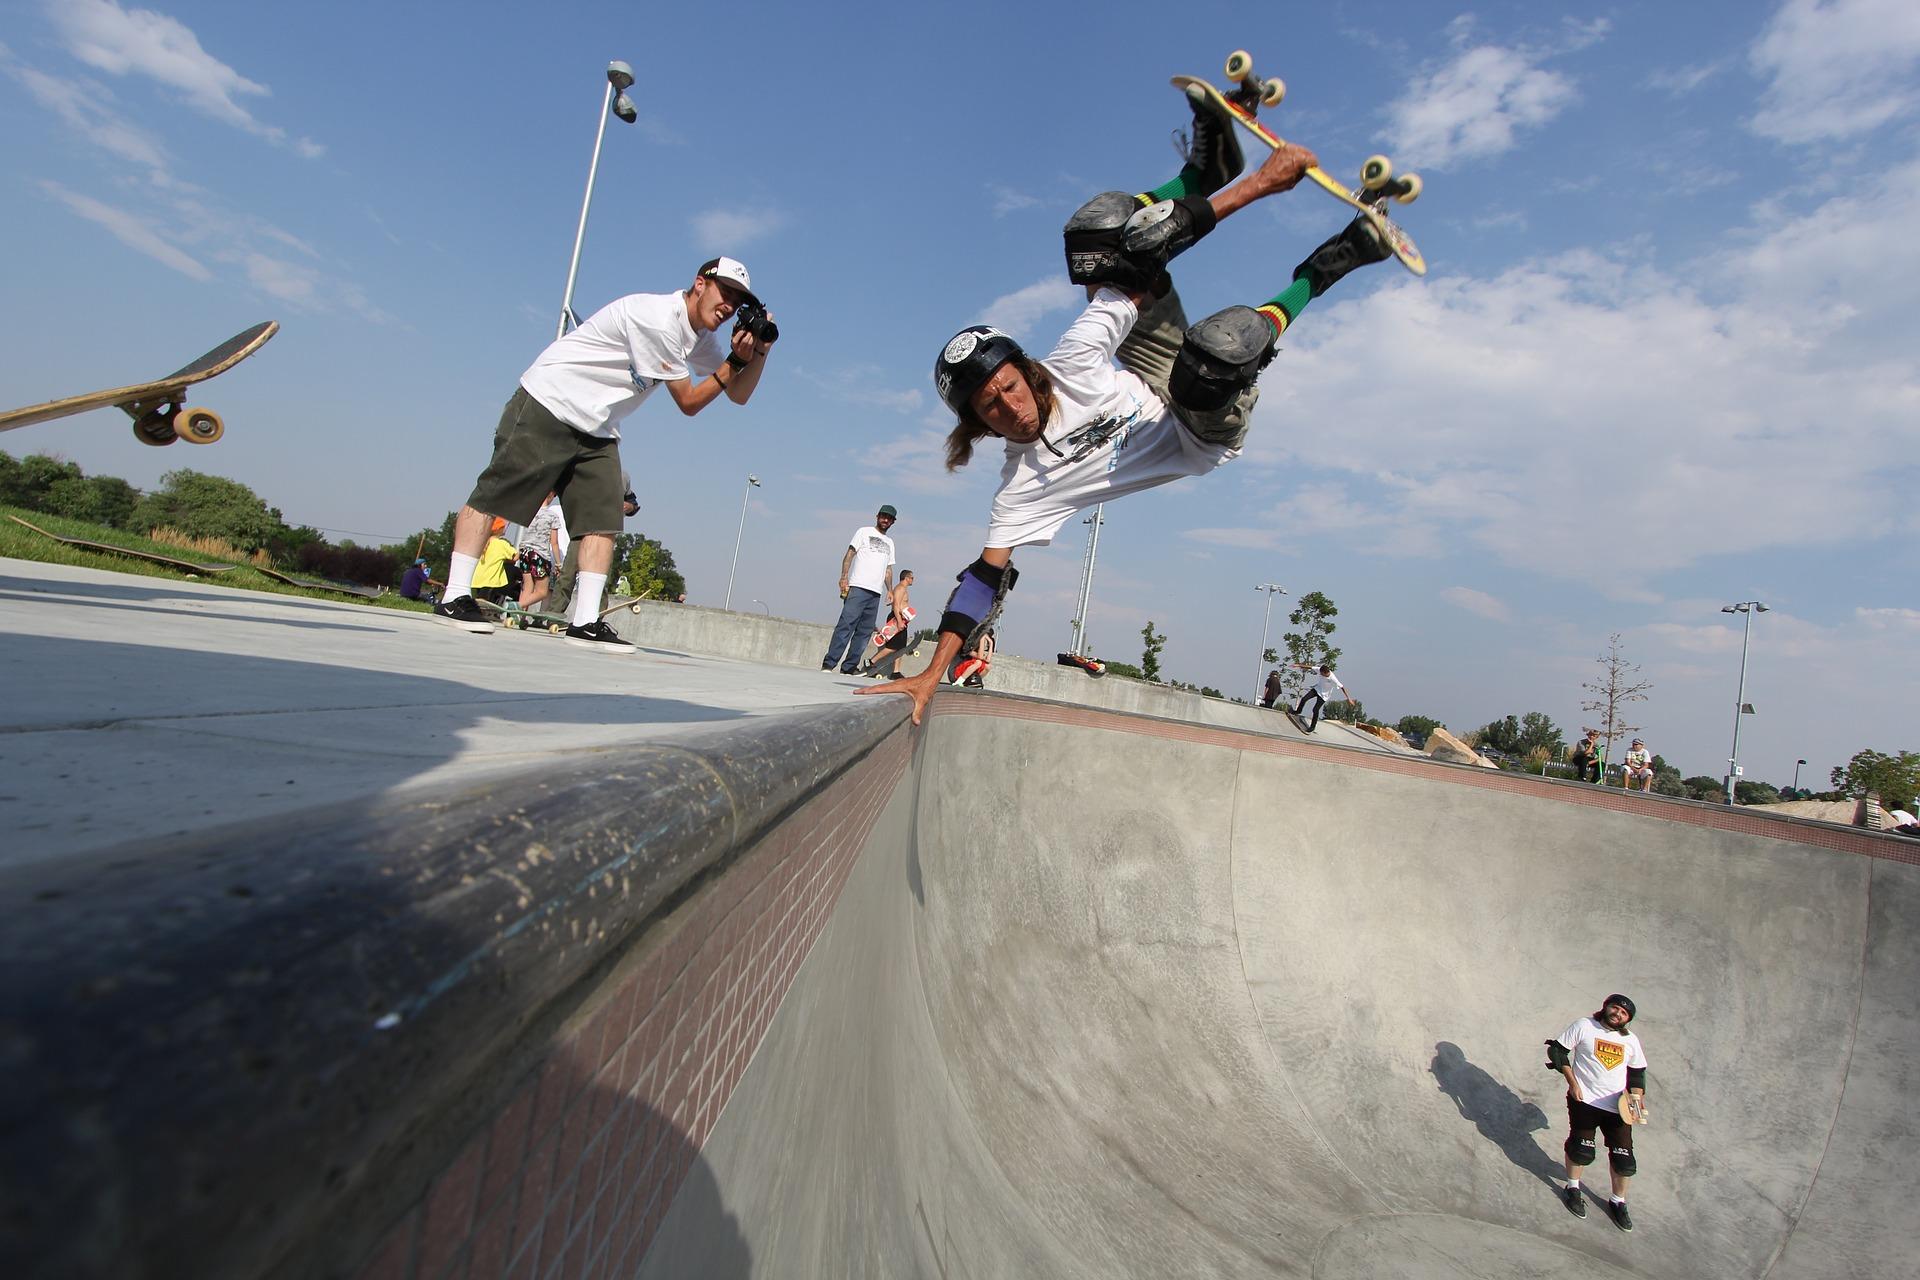 Todo equipamento de segurança é essencial, principalmente para quem vai aprender a andar de skate.